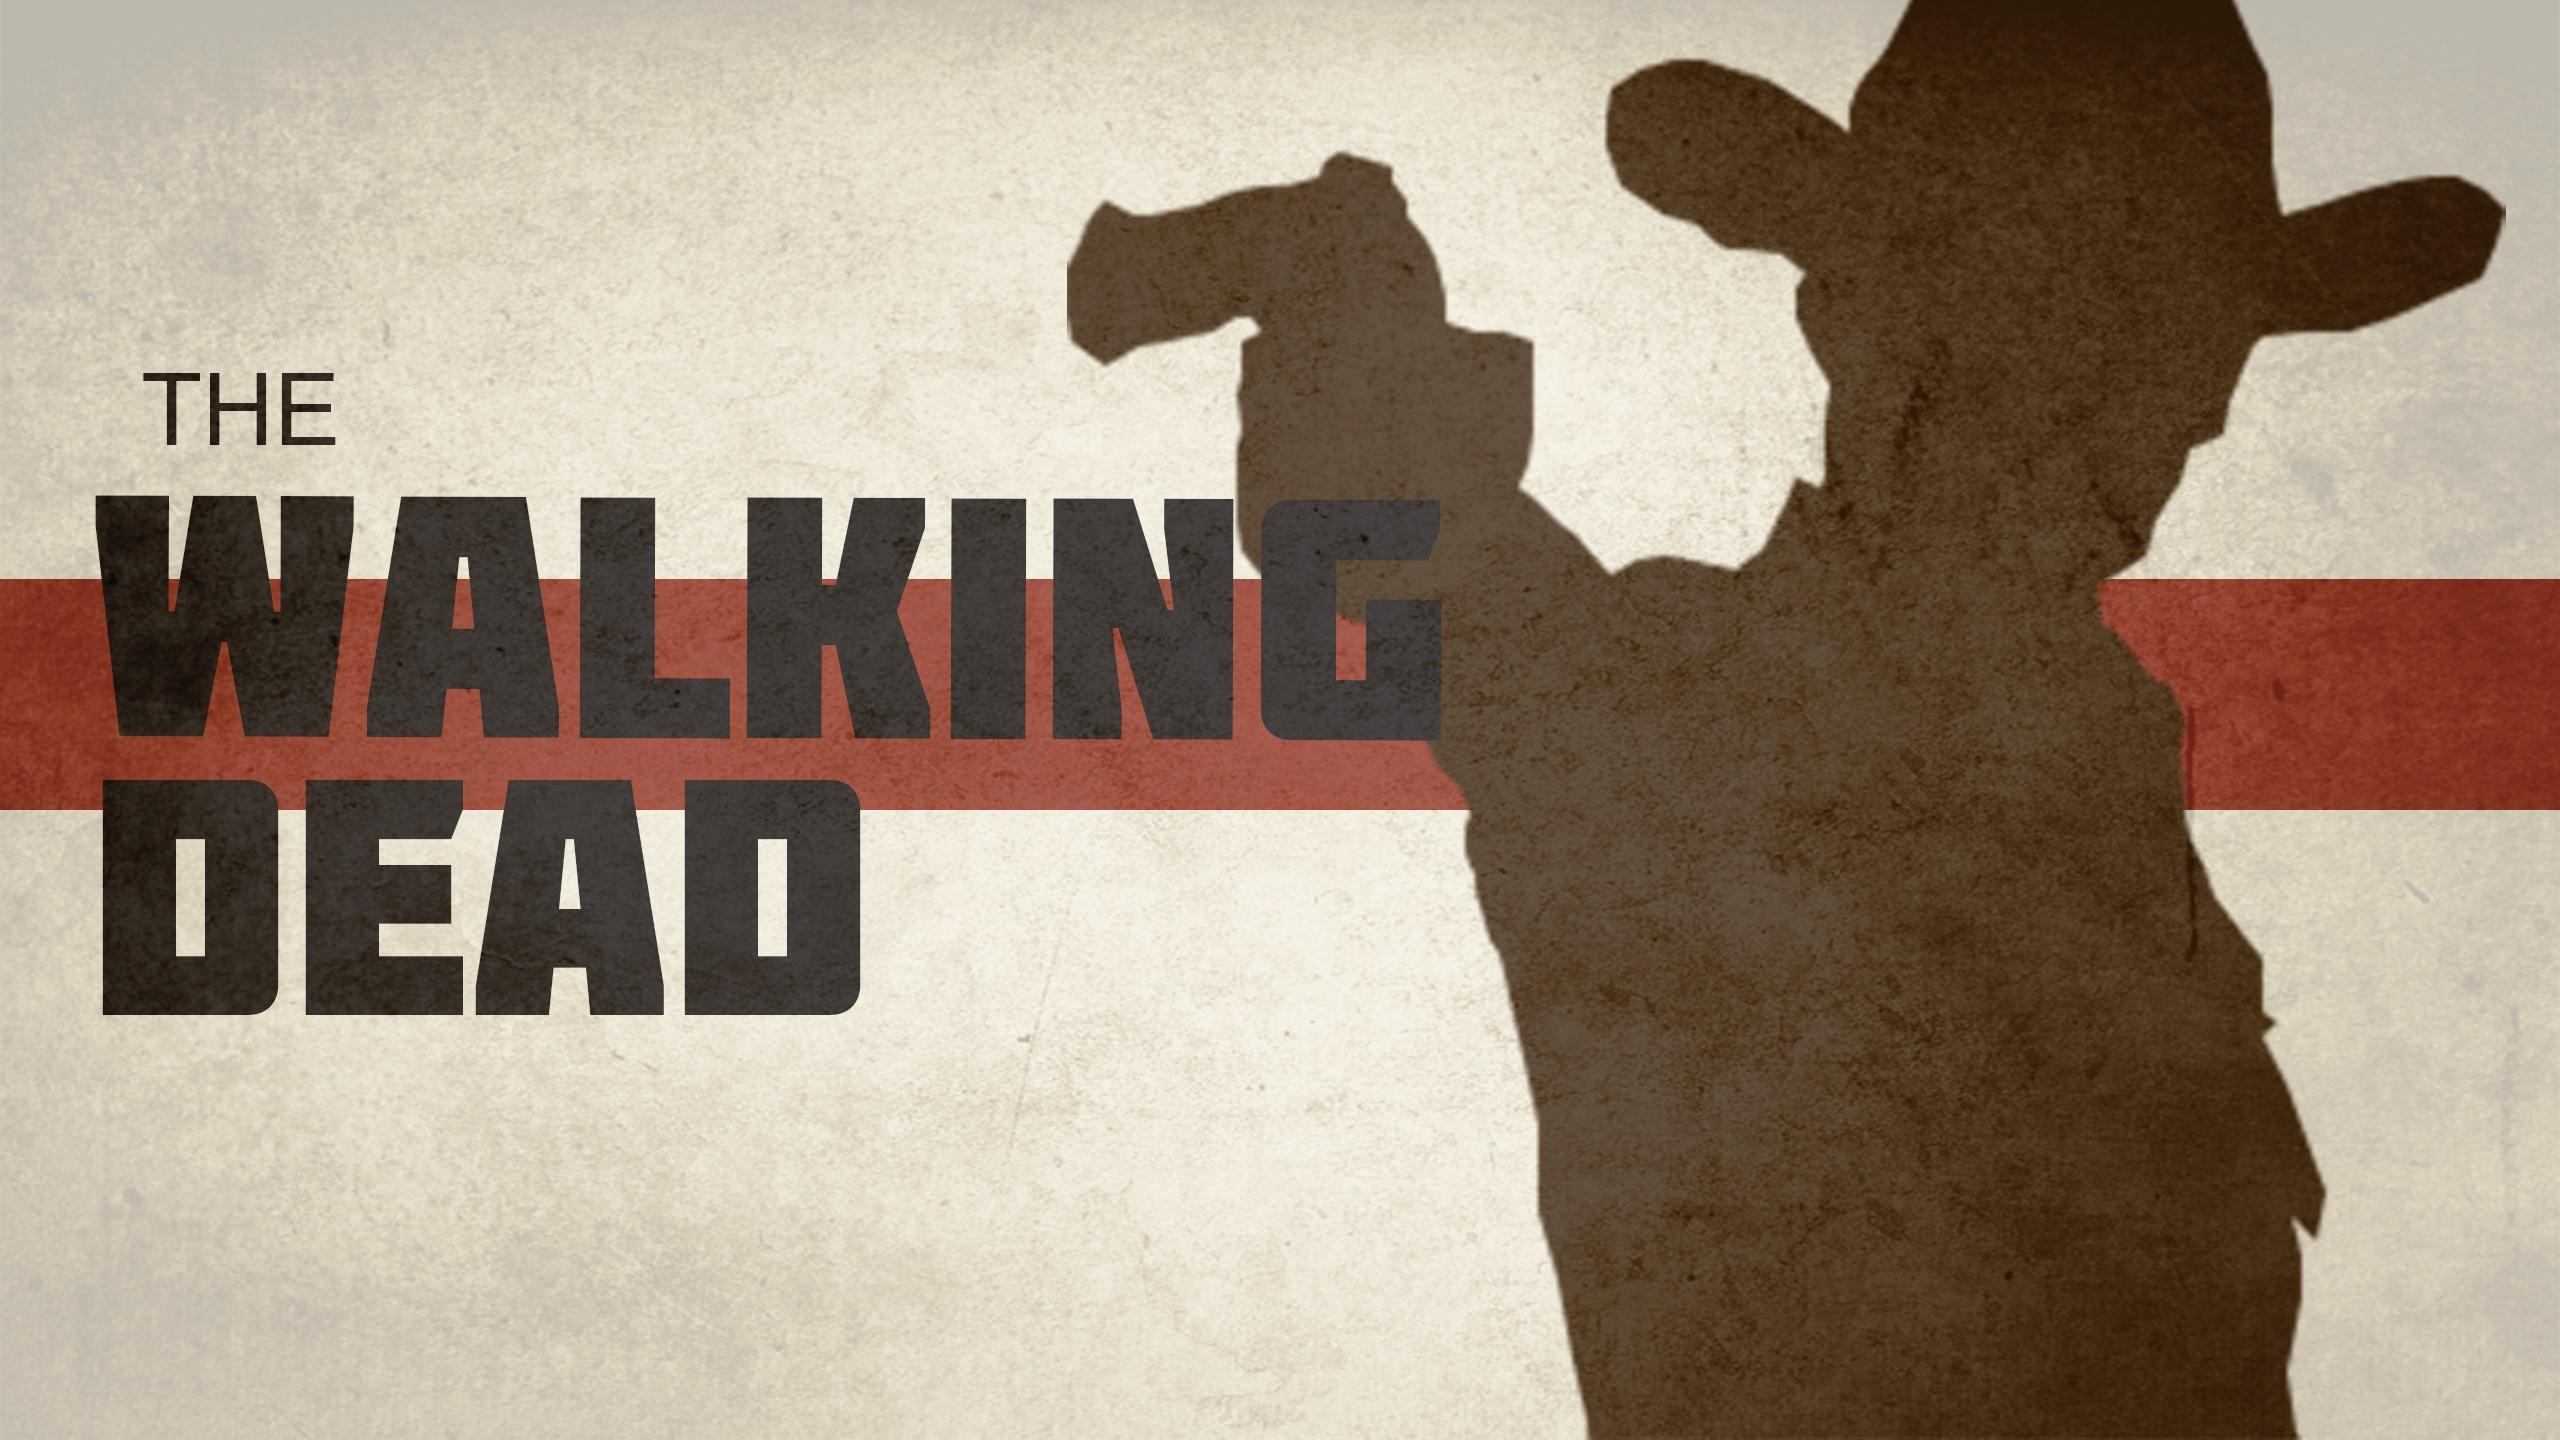 The Walking Dead background Wallpaper 2560x1440